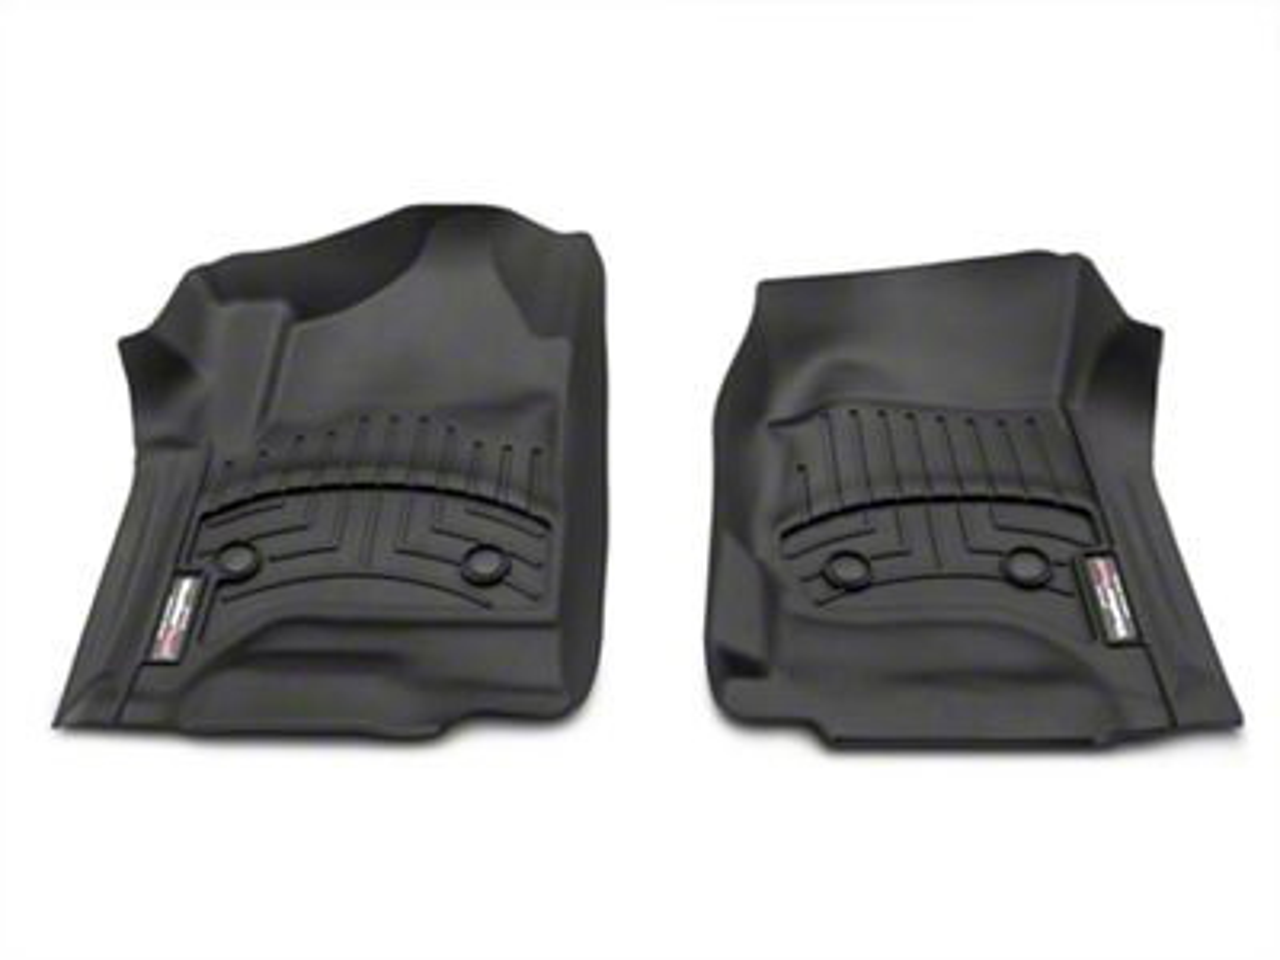 Weathertech DigitalFit Front Floor Liners - Black (14-18 Silverado 1500 Double Cab, Crew Cab w/o Floor Shifter)